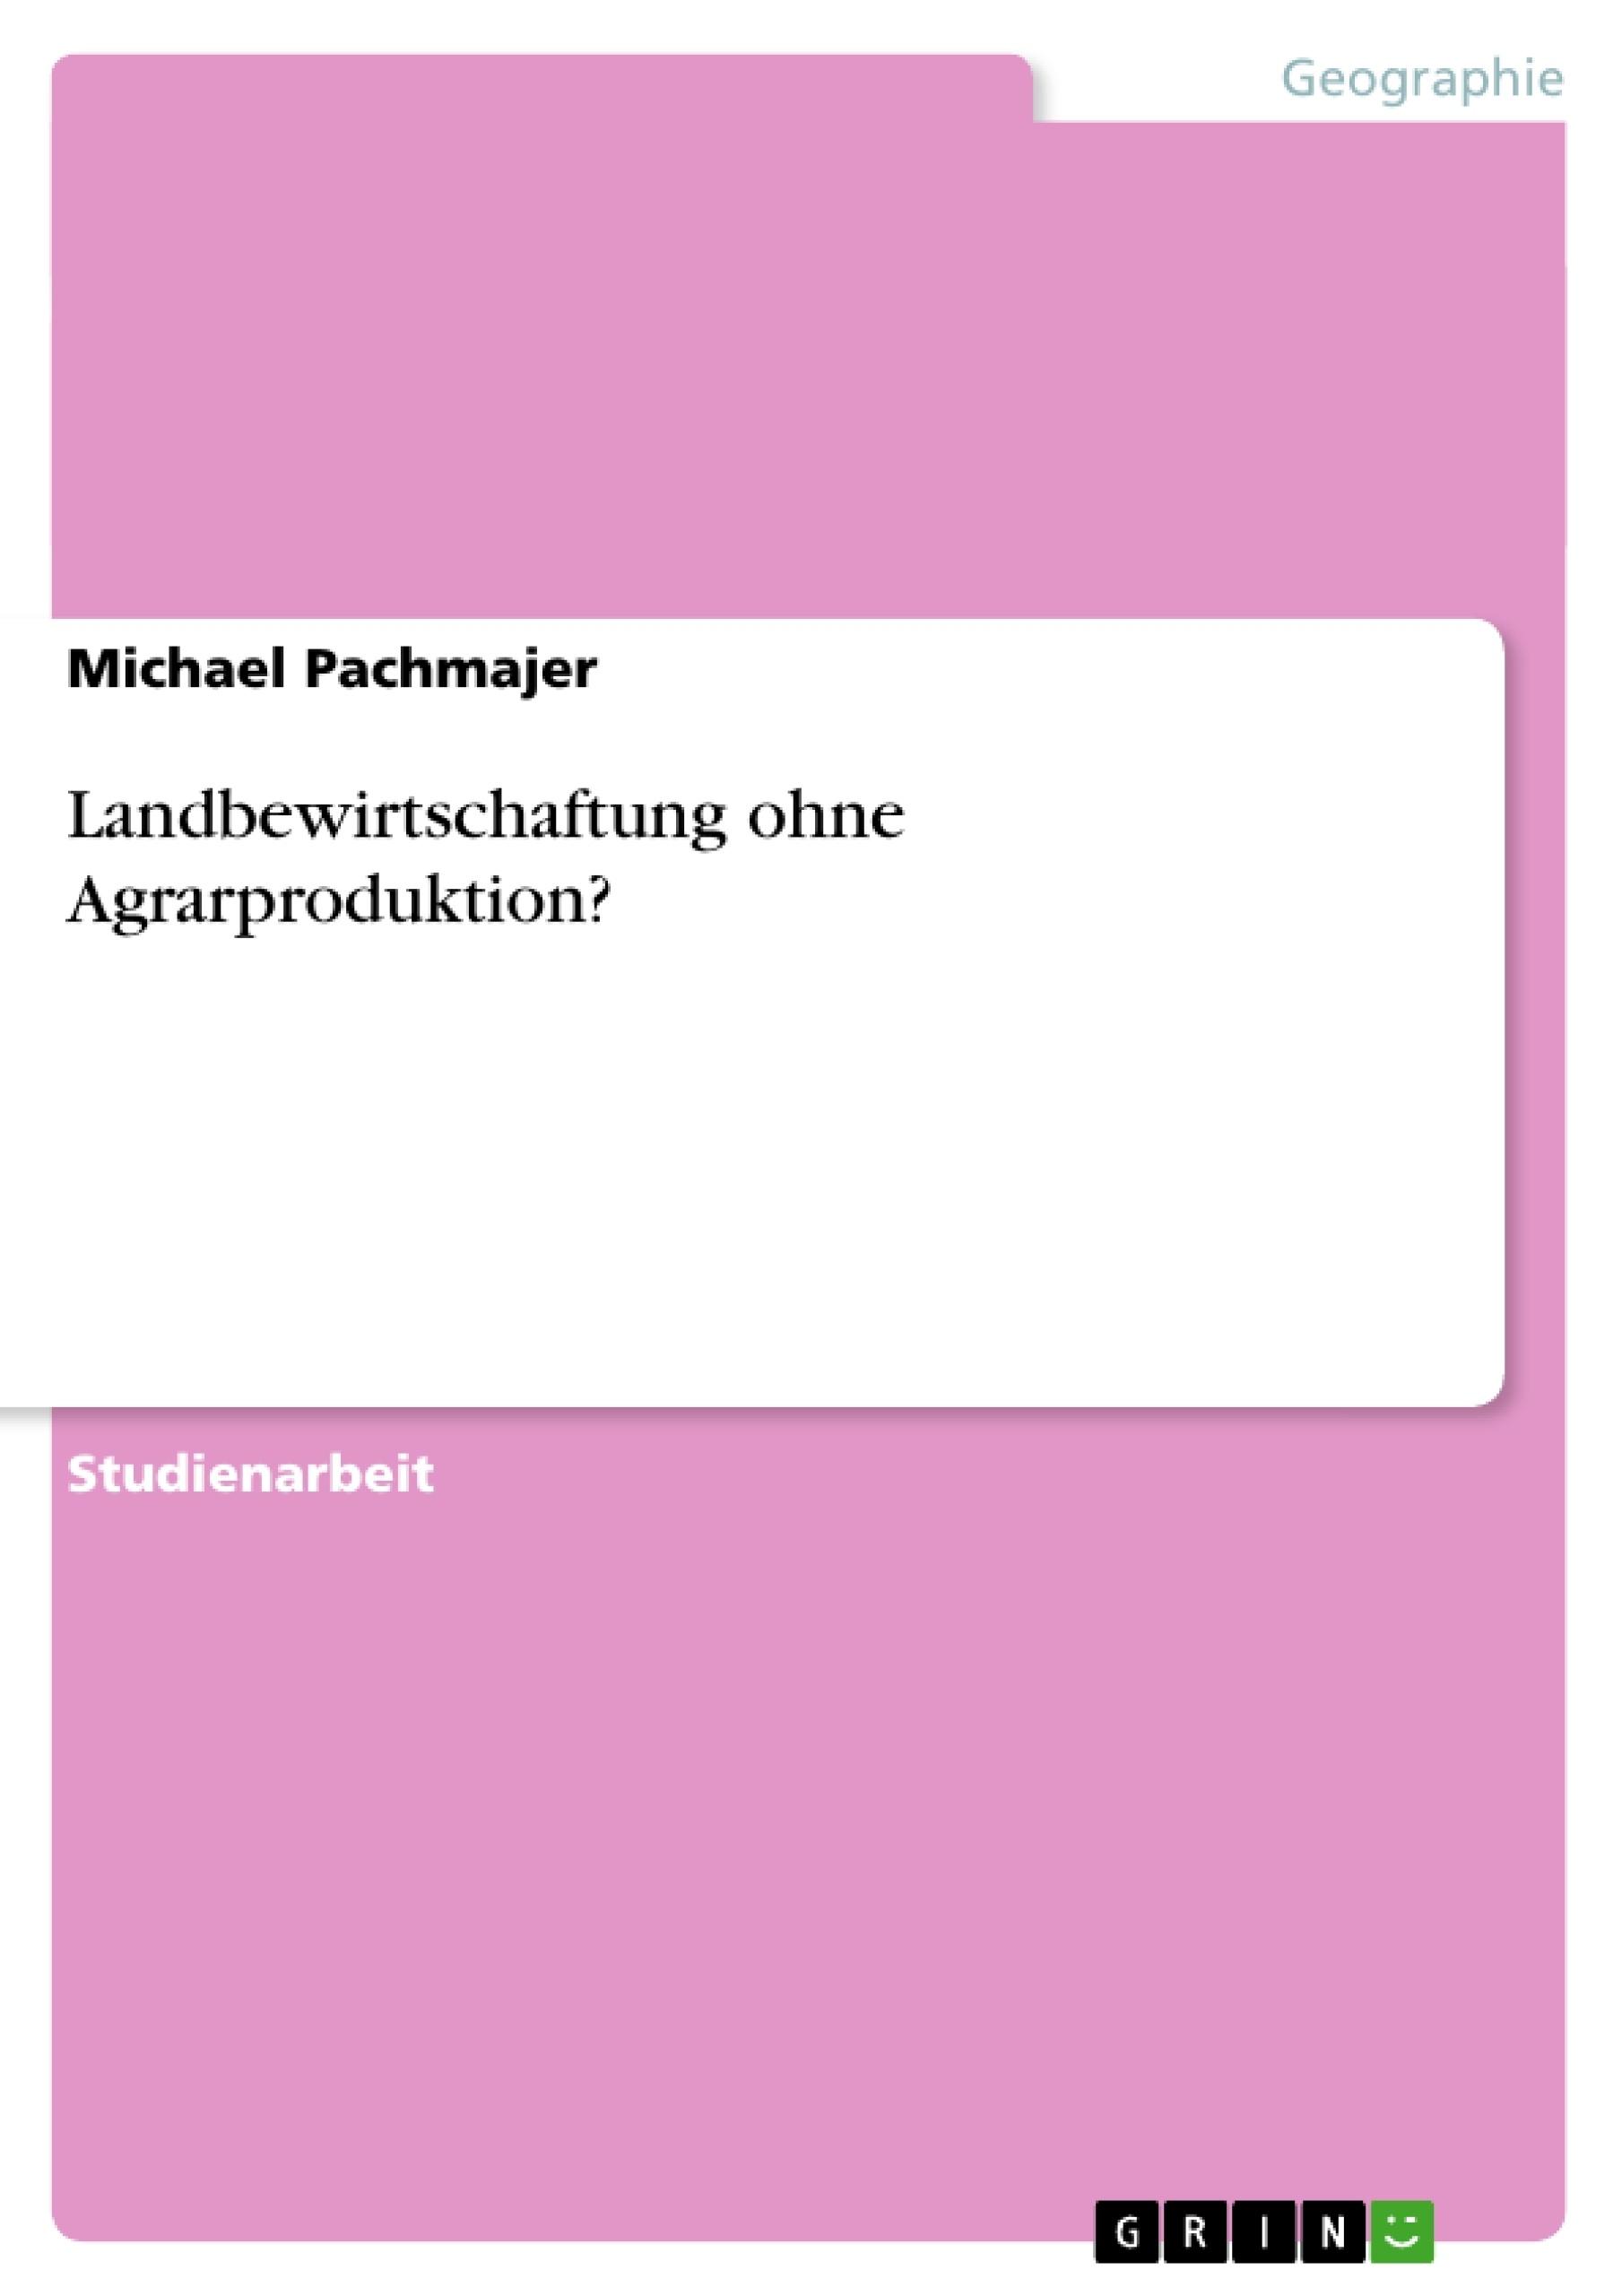 Titel: Landbewirtschaftung ohne Agrarproduktion?